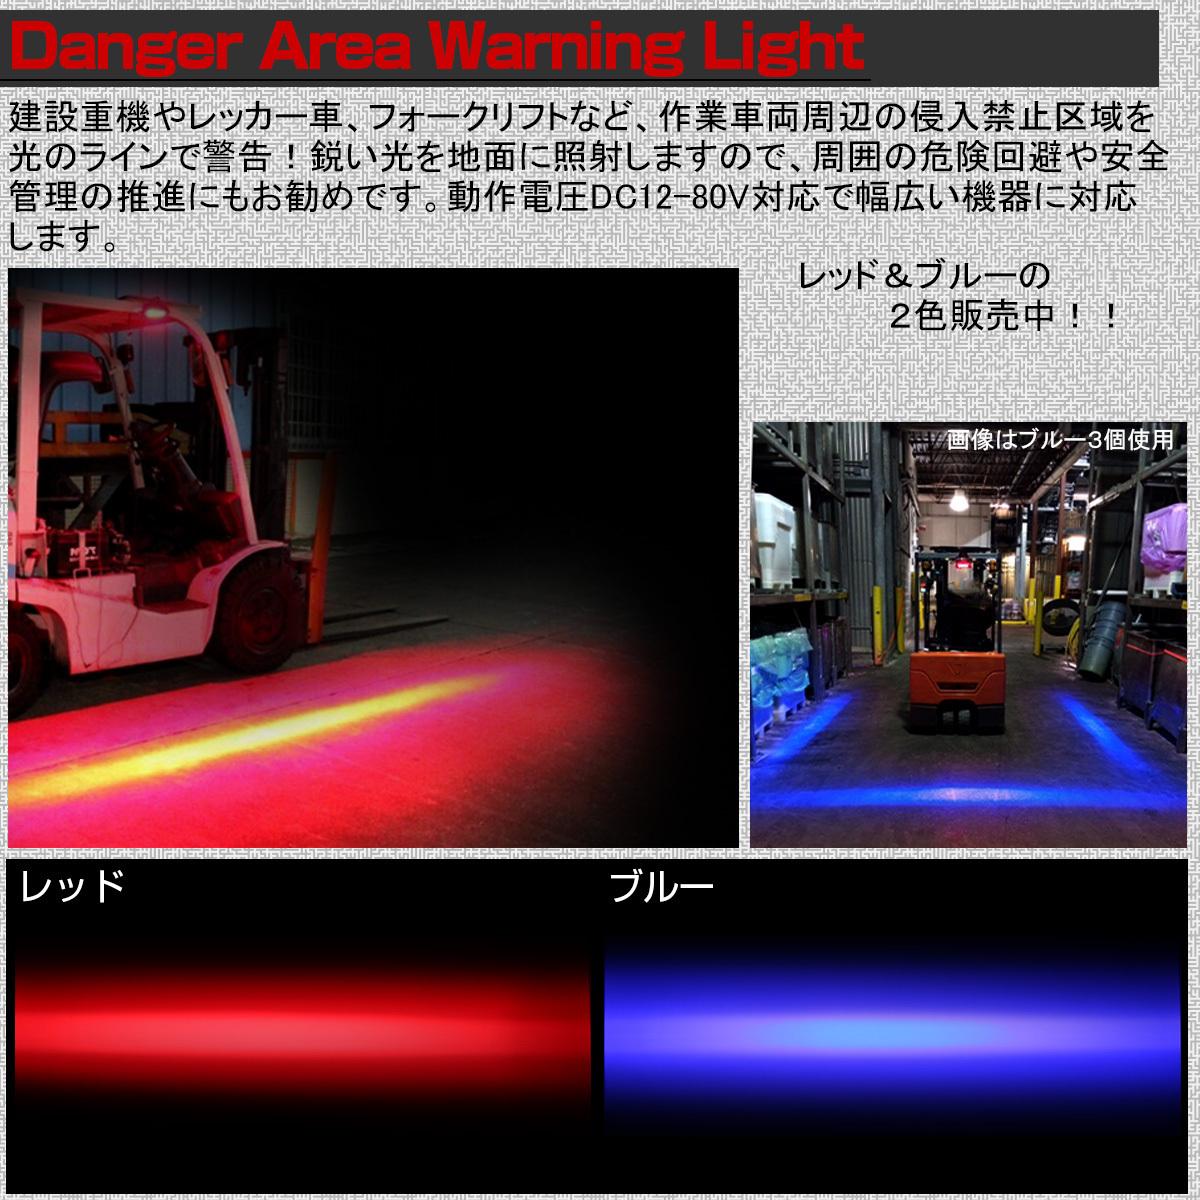 進入禁止区域 LED 警告灯 ブルー ゾーン ビームライト フォークリフト レッカー車 重機の安全管理に 作業灯 12V-80V P-453-B_画像2